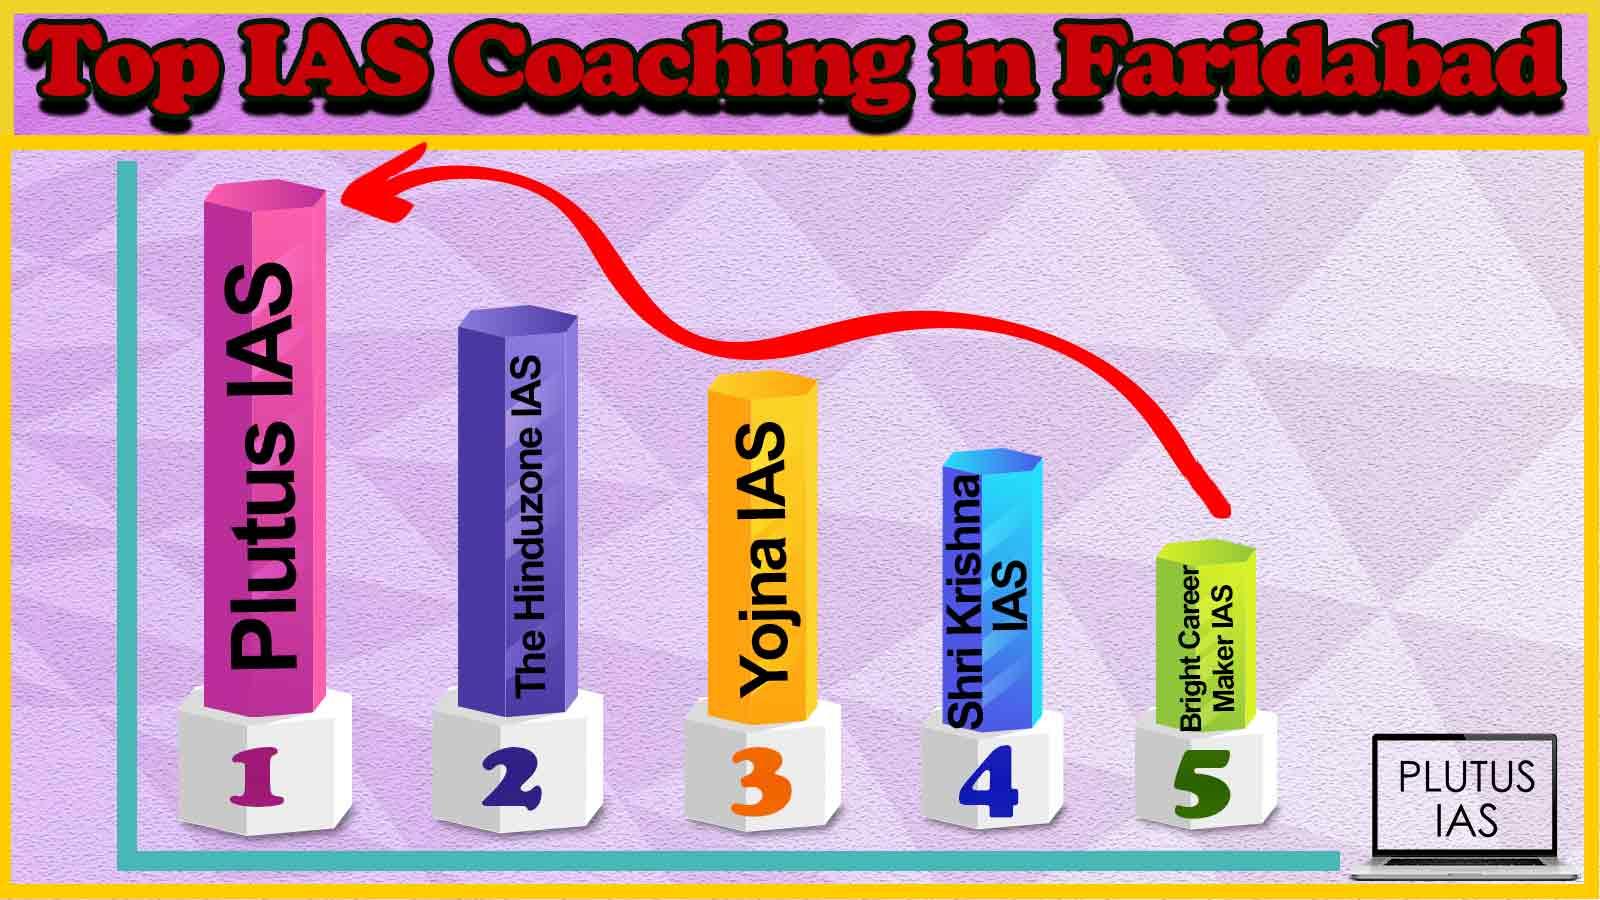 Top 10 IAS Coaching in Faridabad